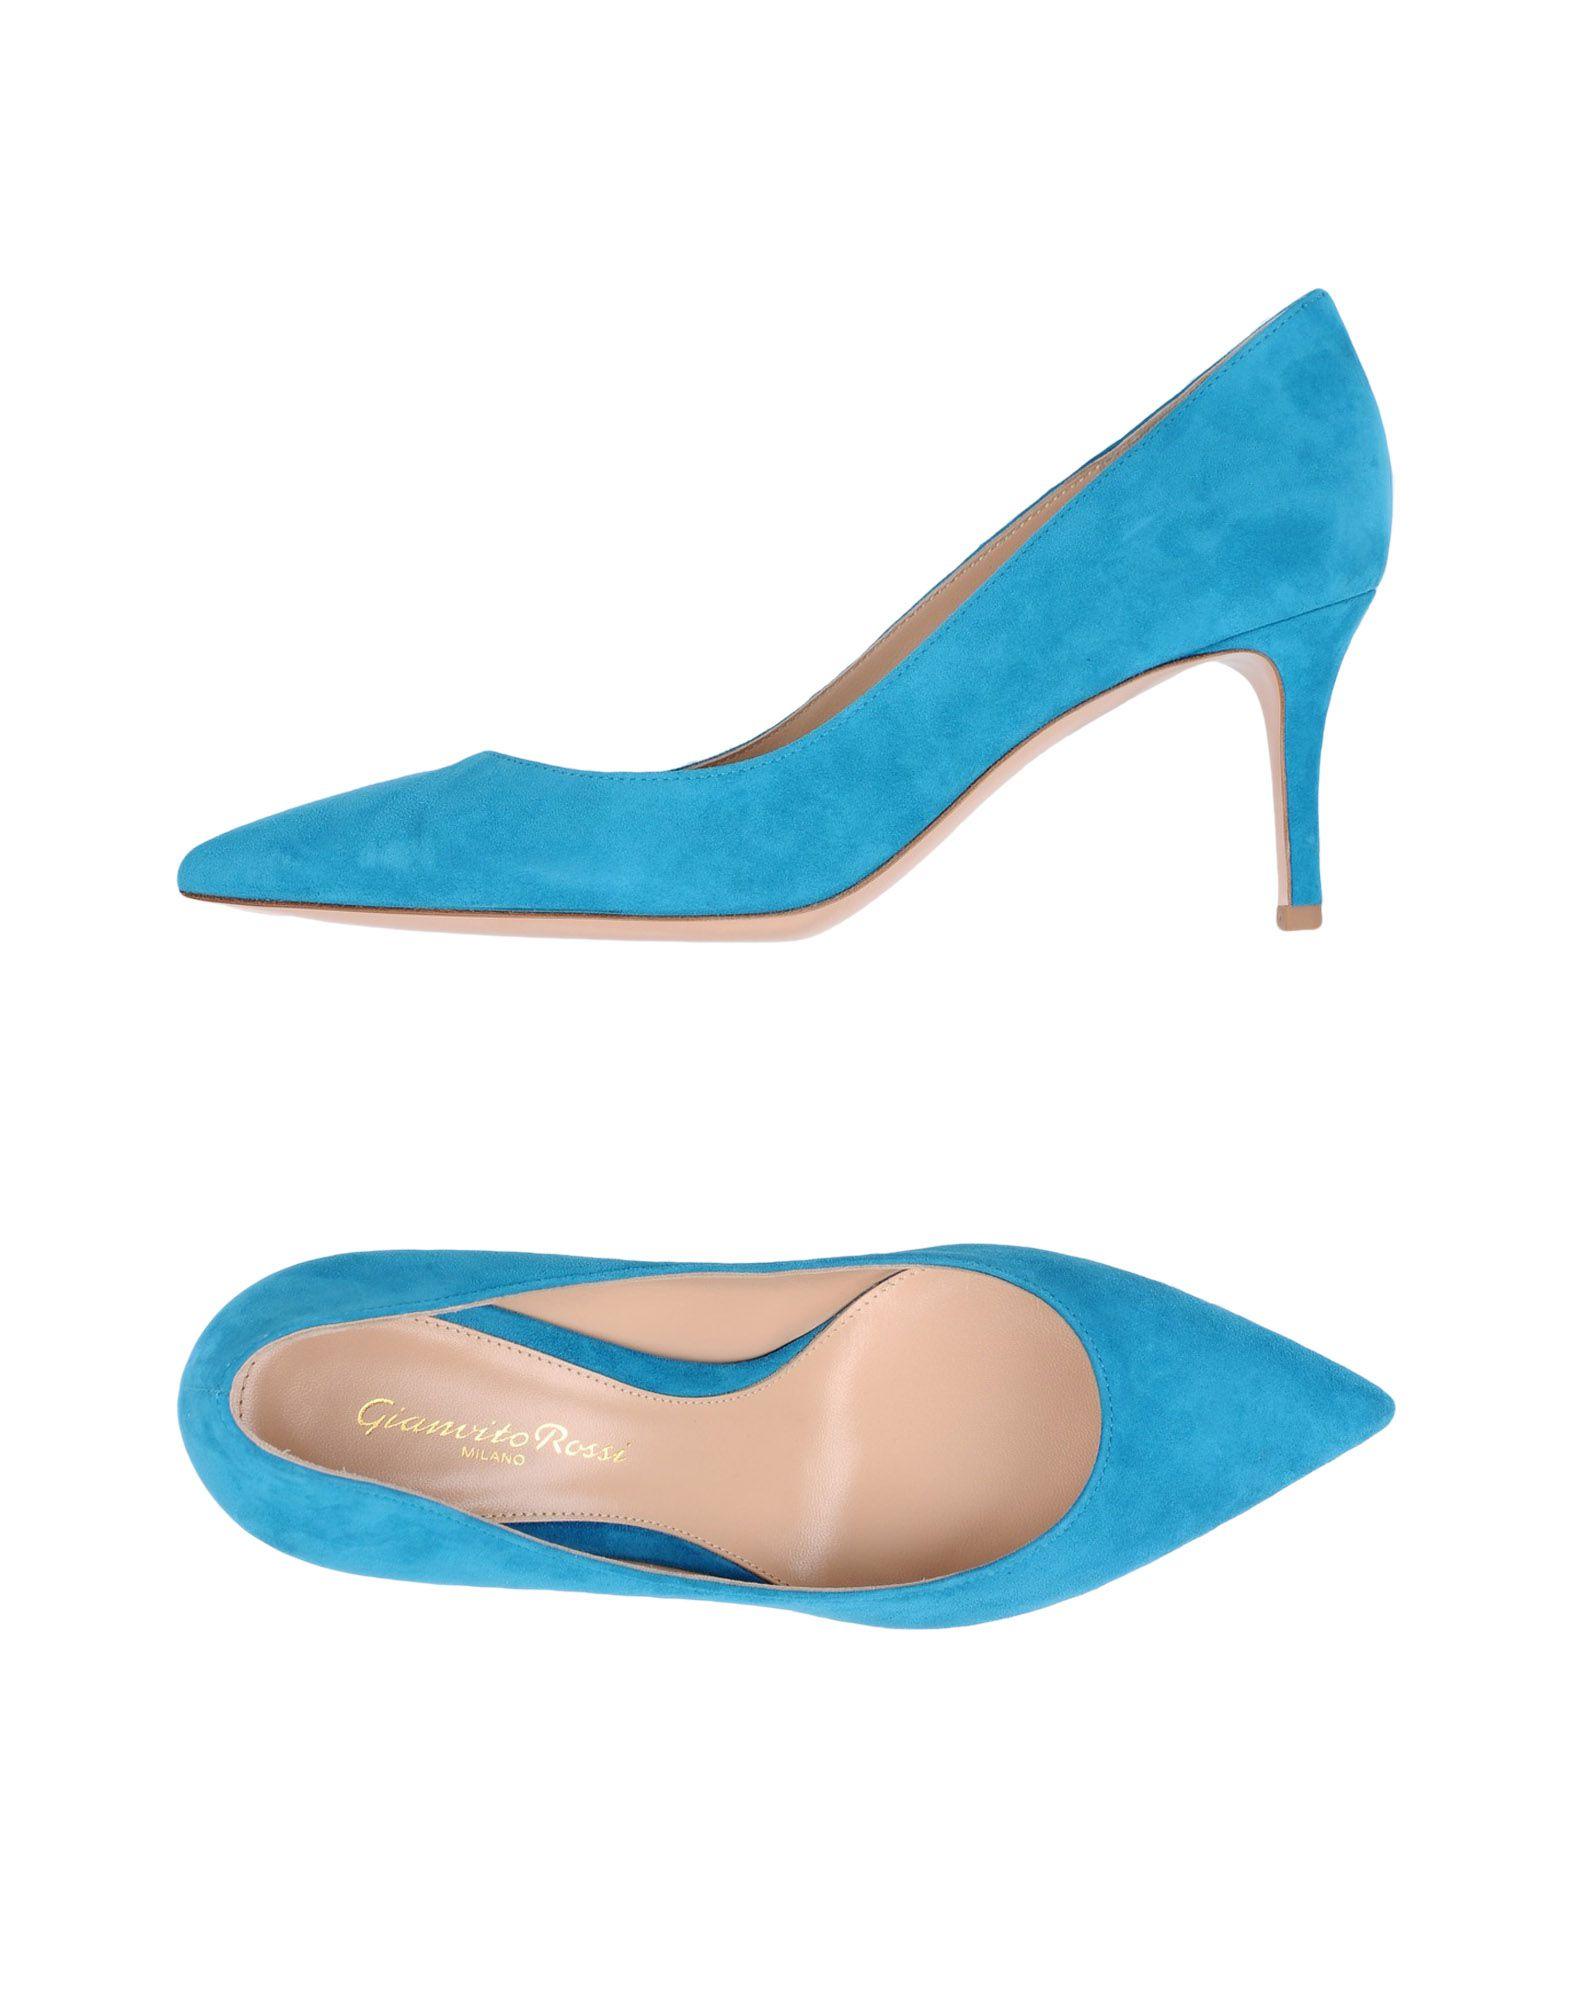 Rabatt Schuhe Pumps Gianvito Rossi Pumps Schuhe Damen  11327765QG 9f0476